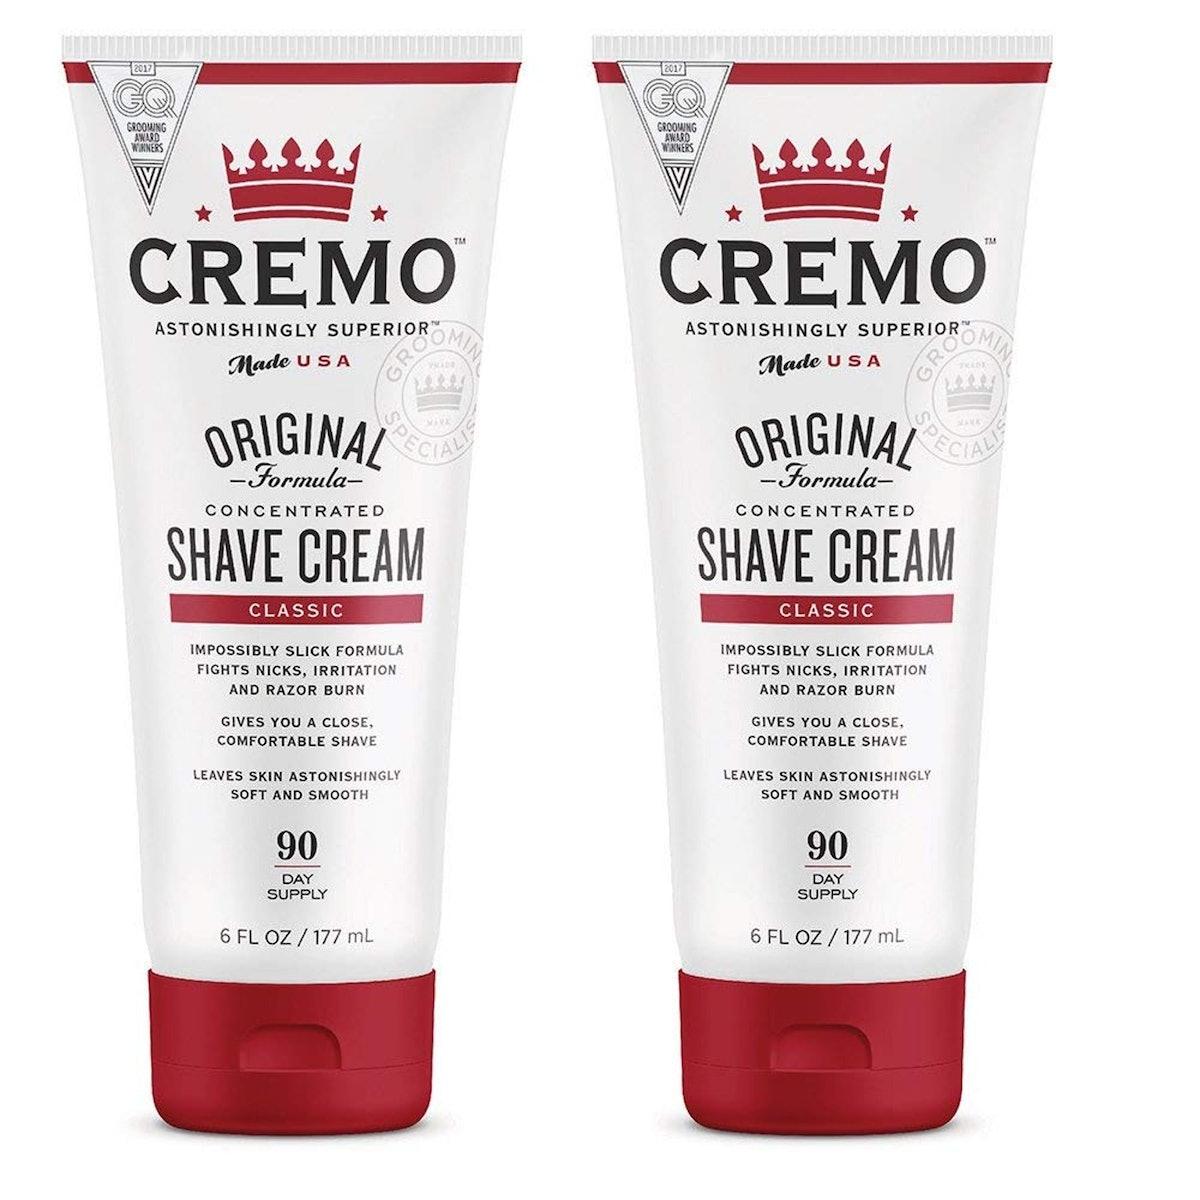 Cremo Original Shave Cream (2 Pack)